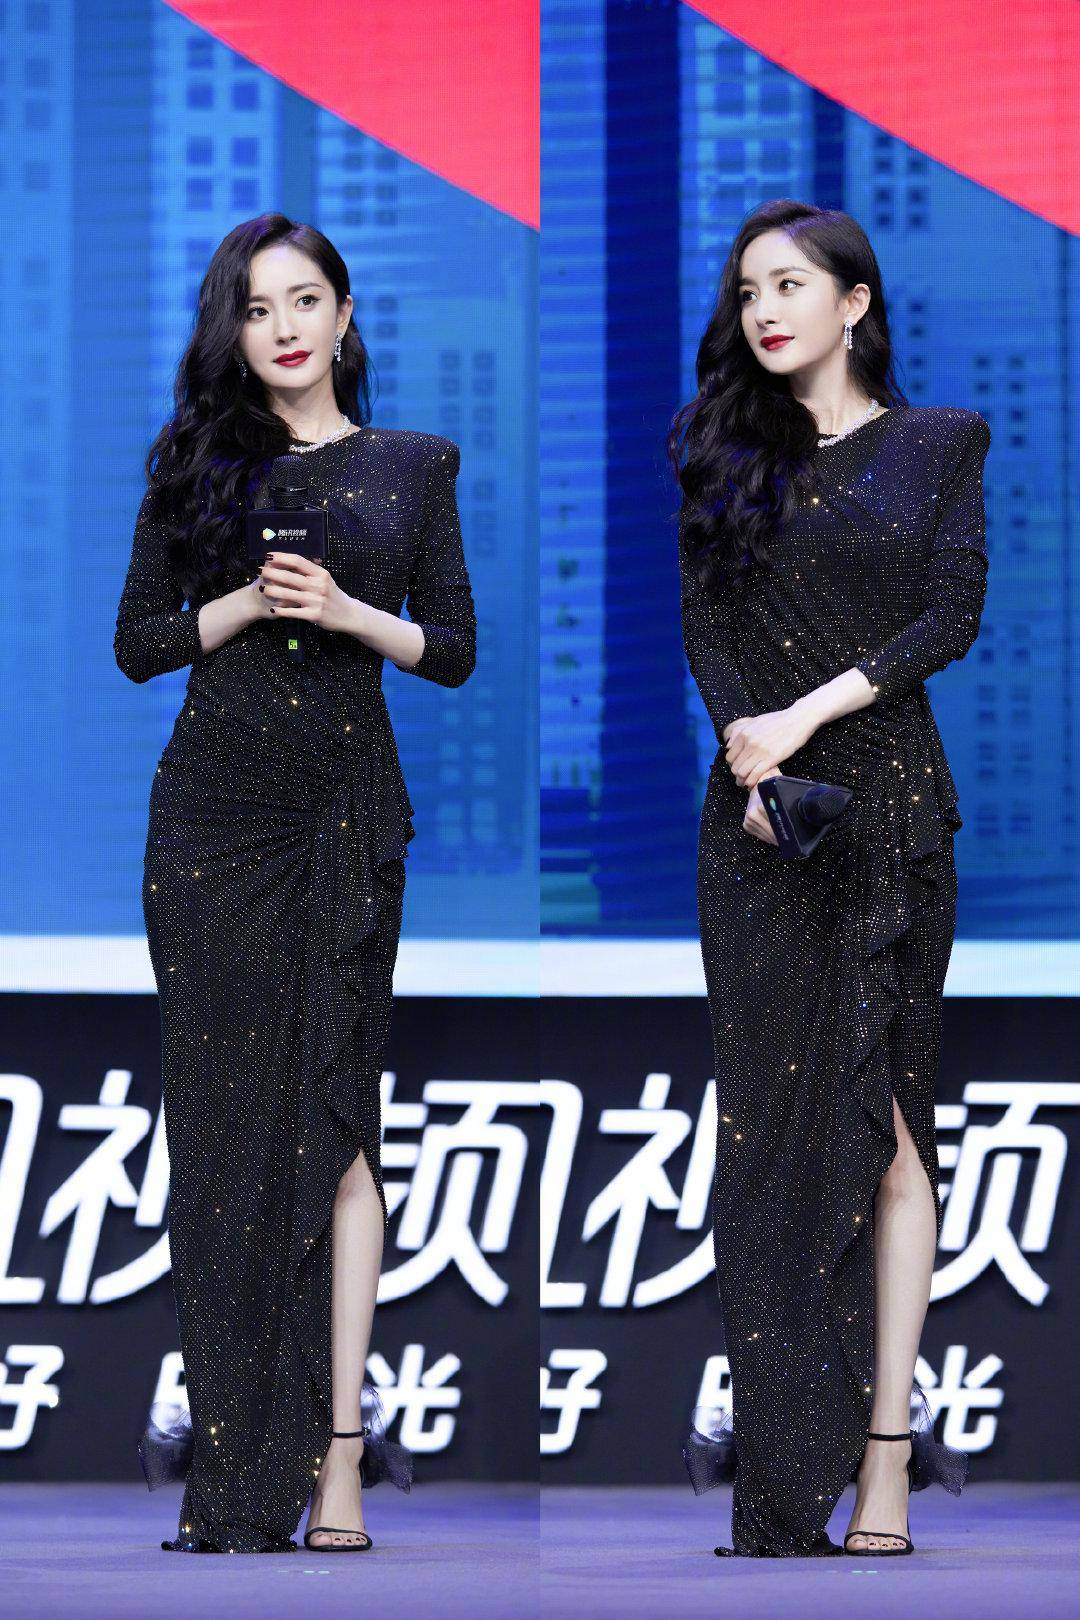 原创             杨幂不规则亮片裙出镜,在素净日式背景衬托下,展现撩人身段